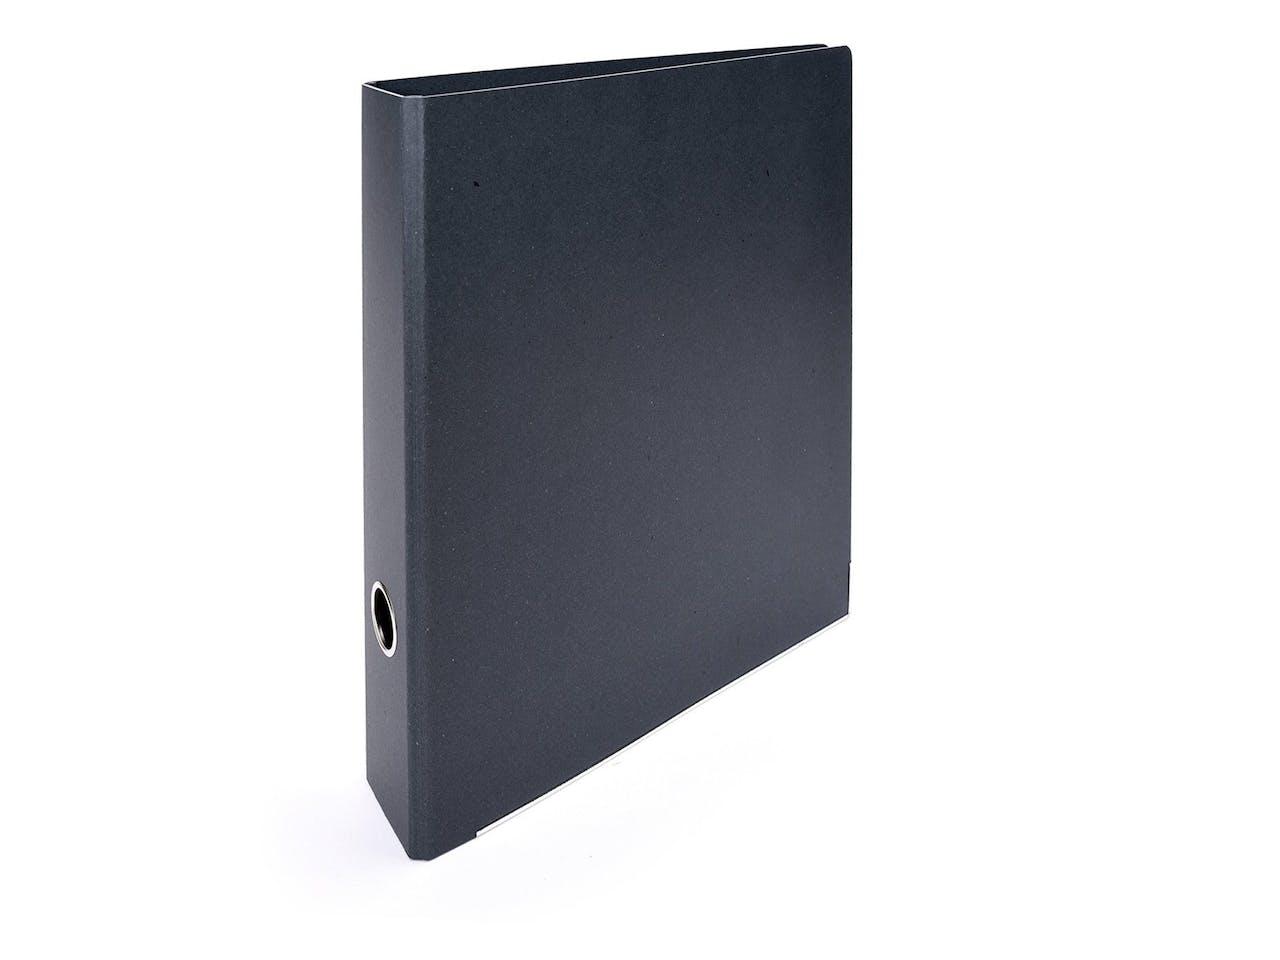 Tyyp Manufaktur Berlin Ordner, f. DIN A4, Rückenbreite 62mm, Metallkante, schwarz